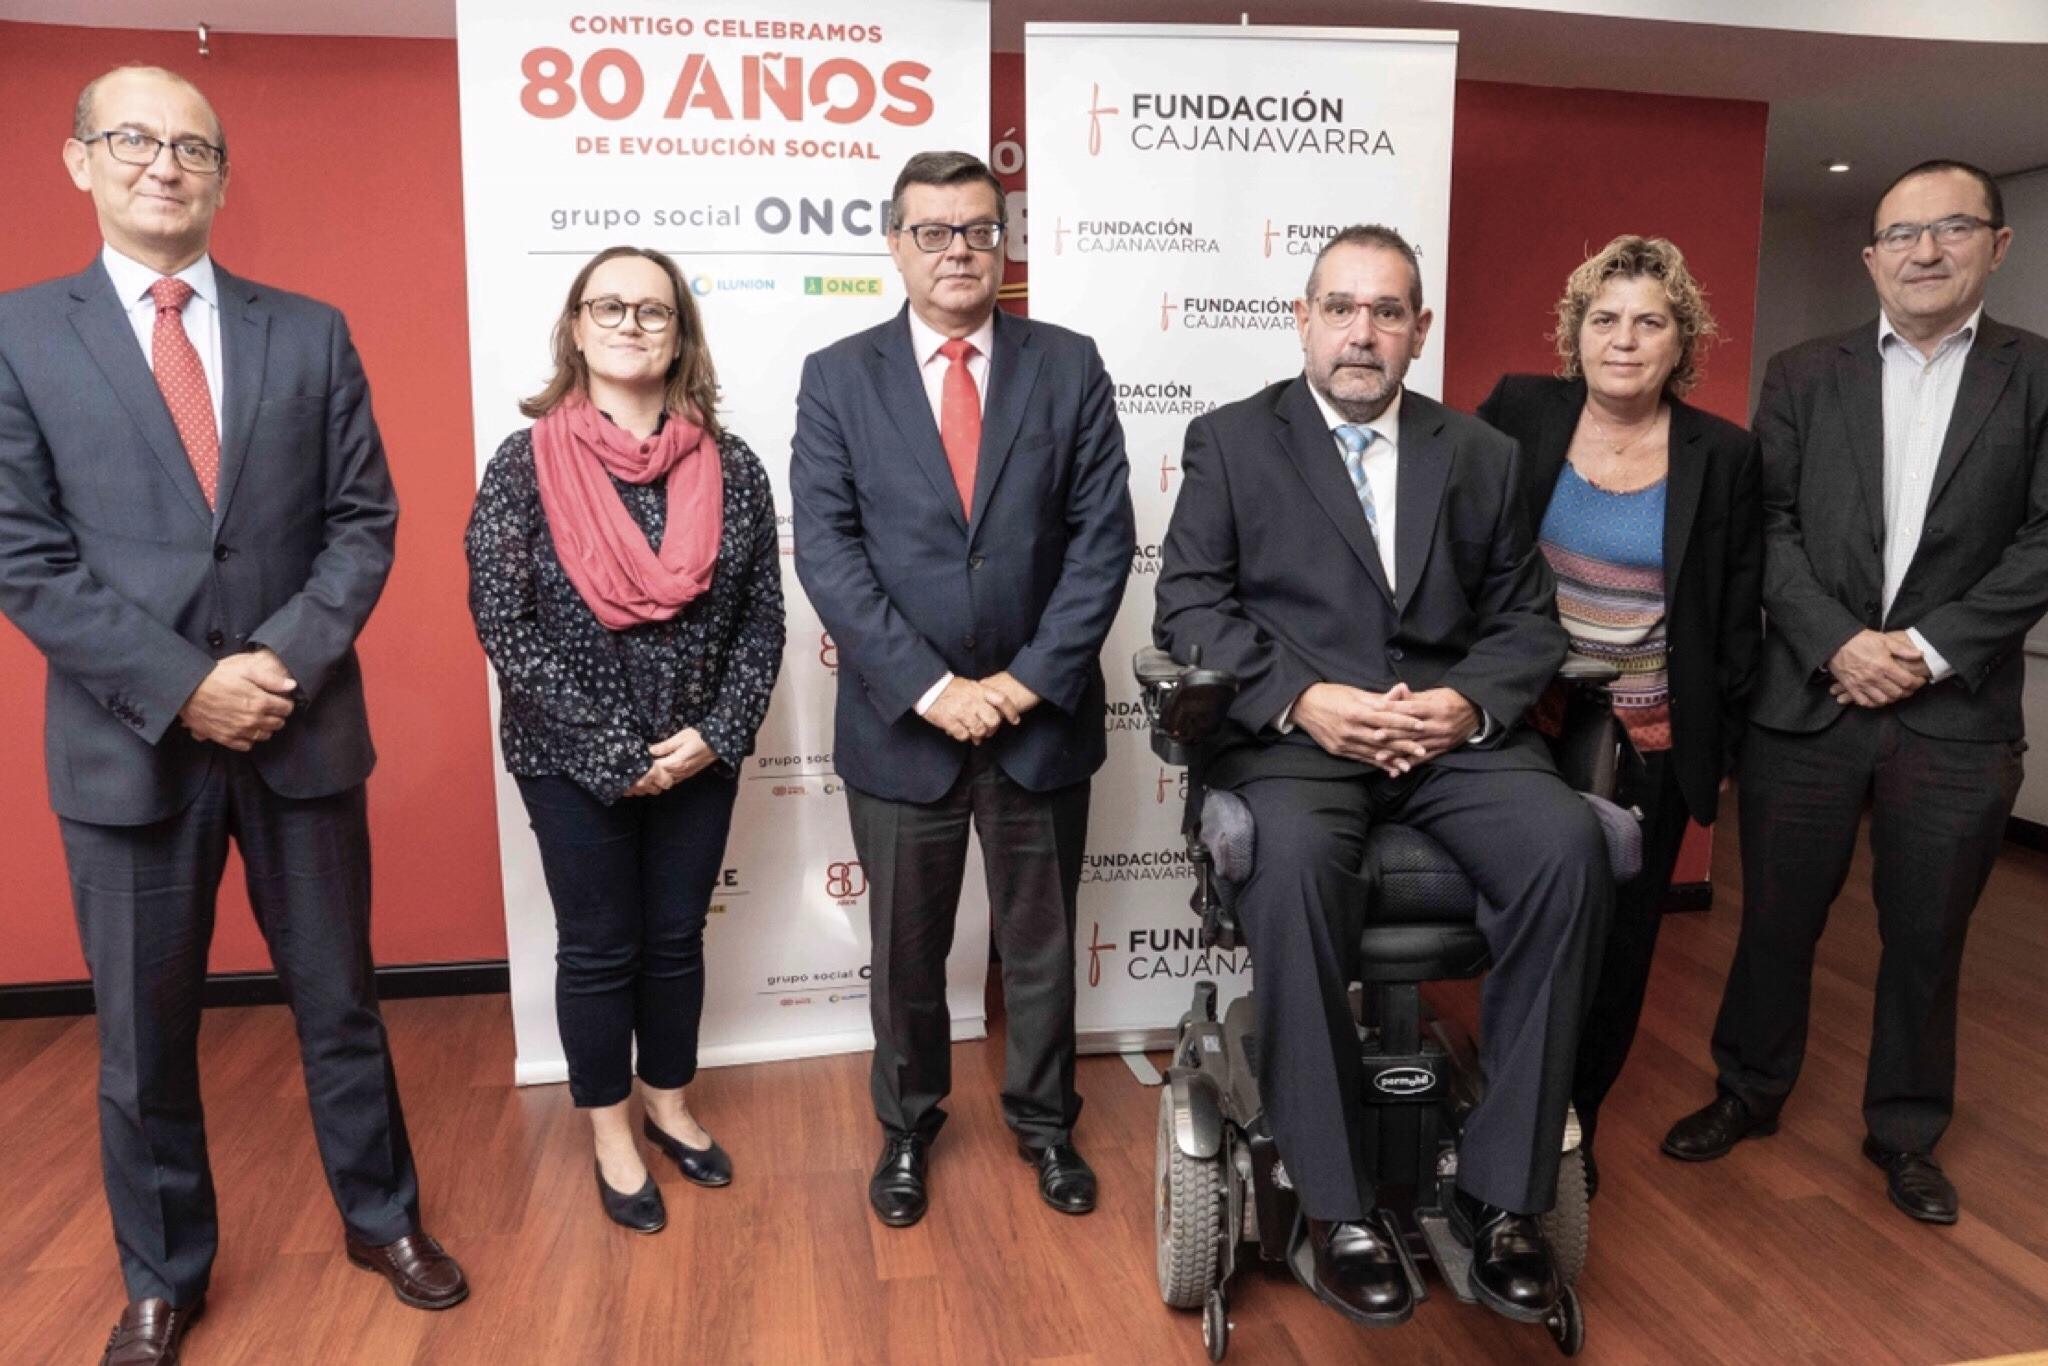 Foto de familia de representantes de Fundación Caja Navarra y Fundación ONCE.